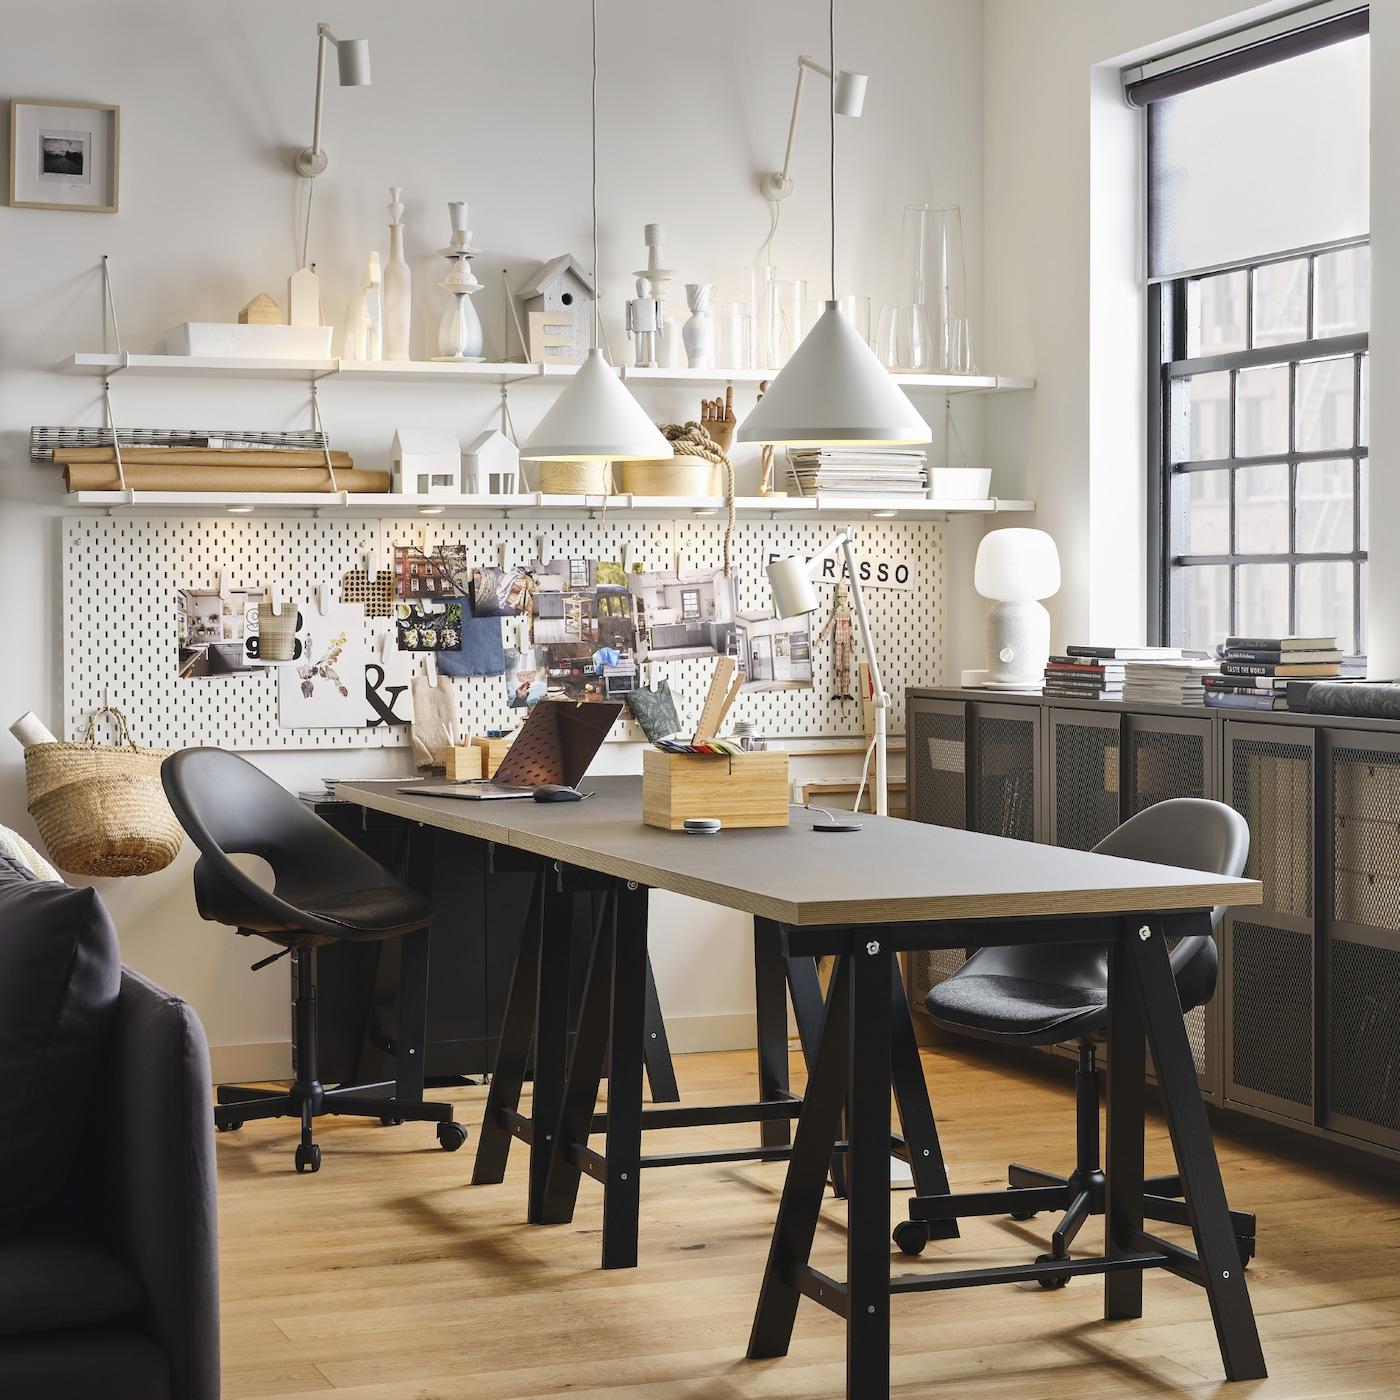 Bequeme und kreative Ideen für deinen Arbeitsplatz - IKEA ...